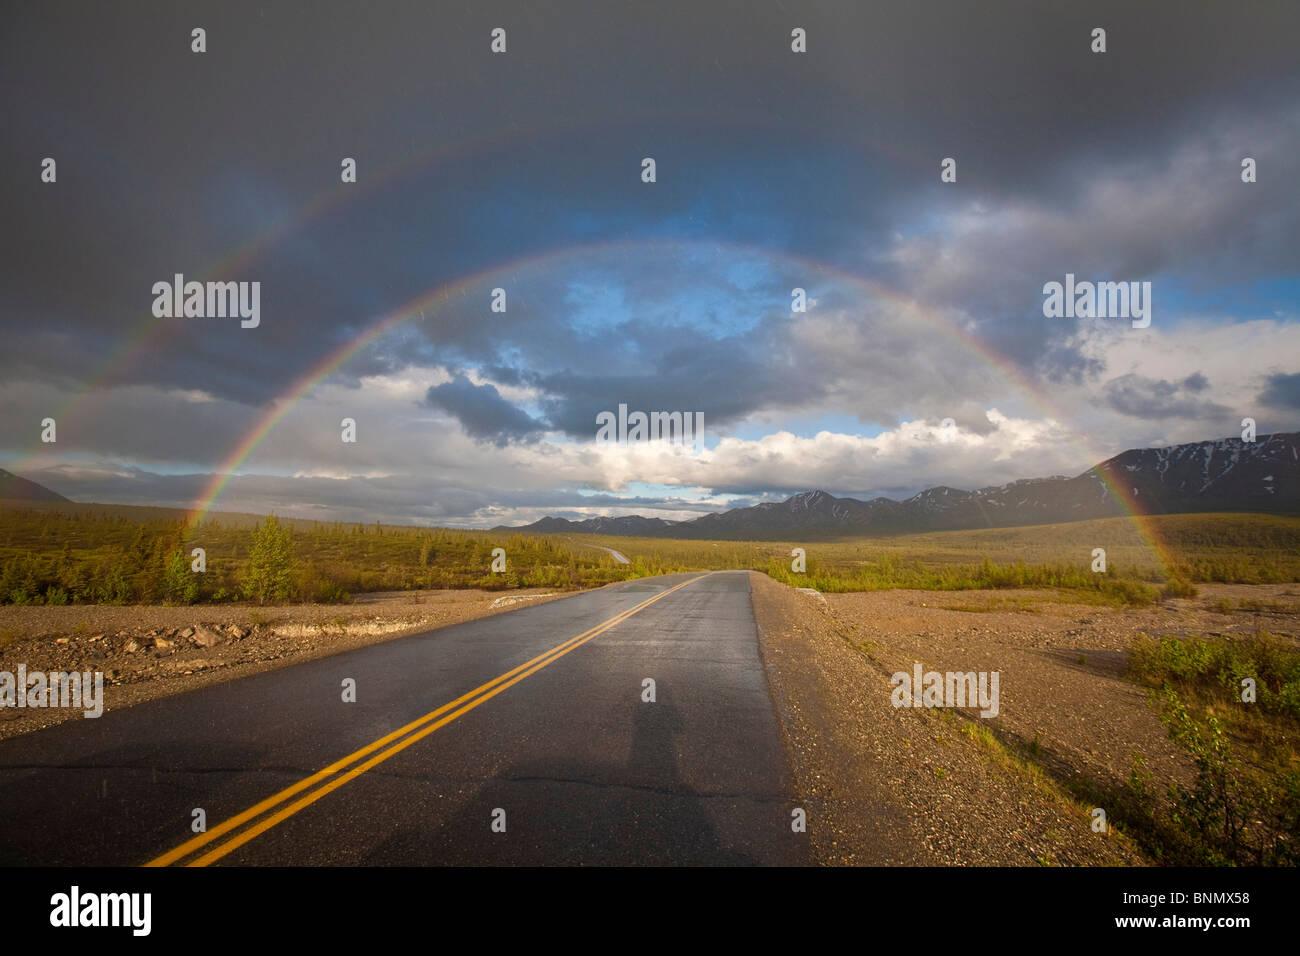 Doppio Arcobaleno oltre il Parco Denali Road, Parco Nazionale di Denali, Alaska, estate Immagini Stock